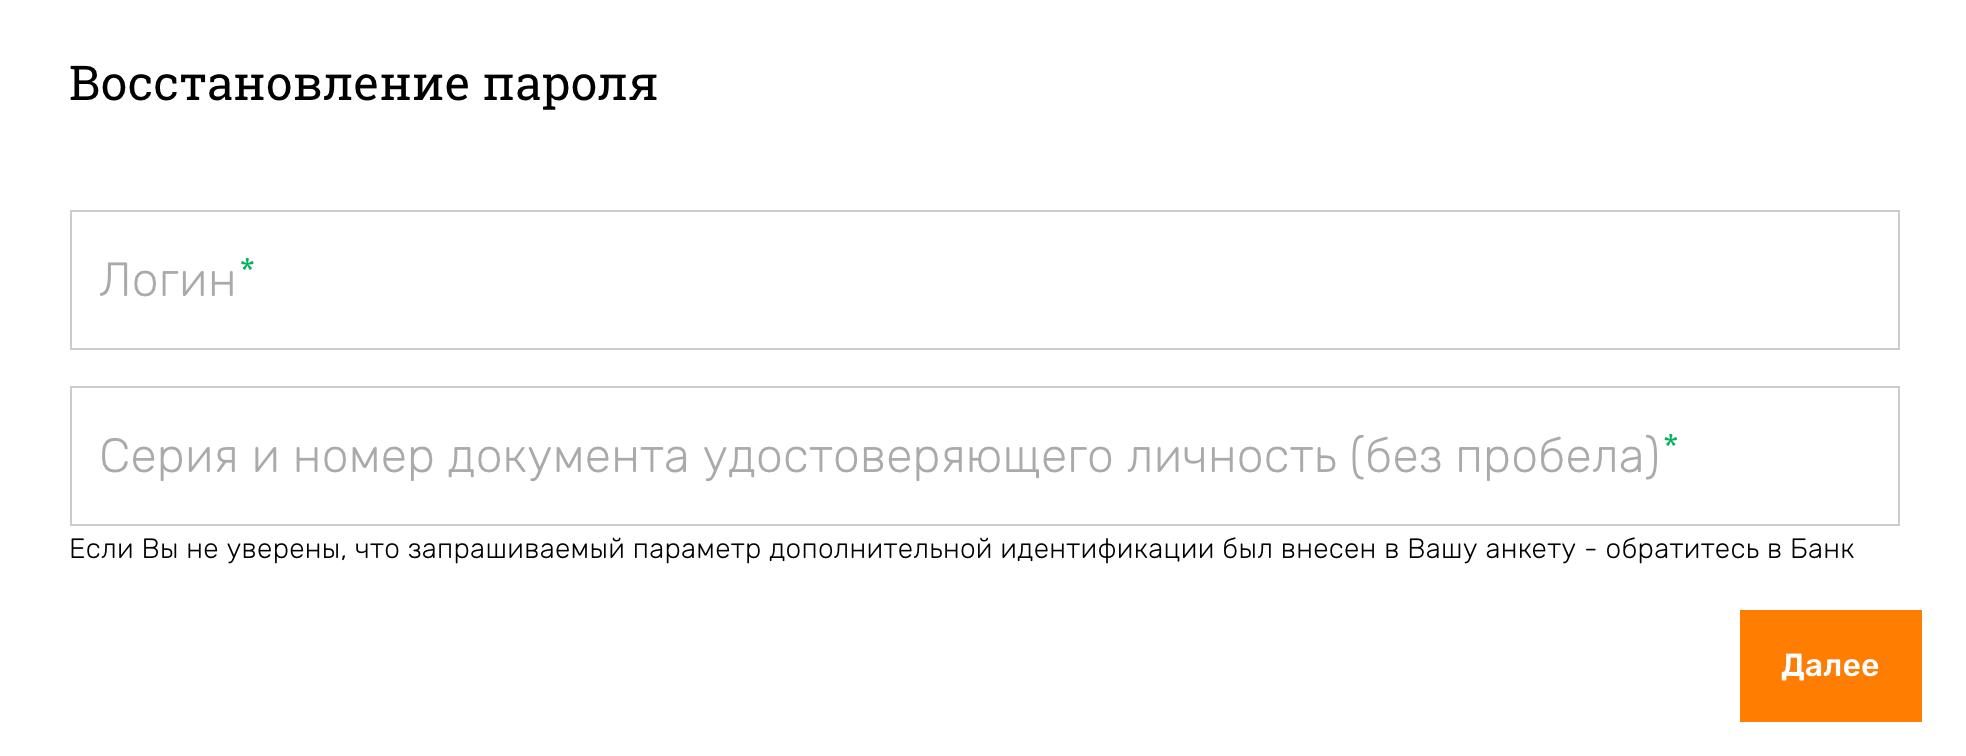 Восстановление пароля от личного кабинета банка Дом.рф